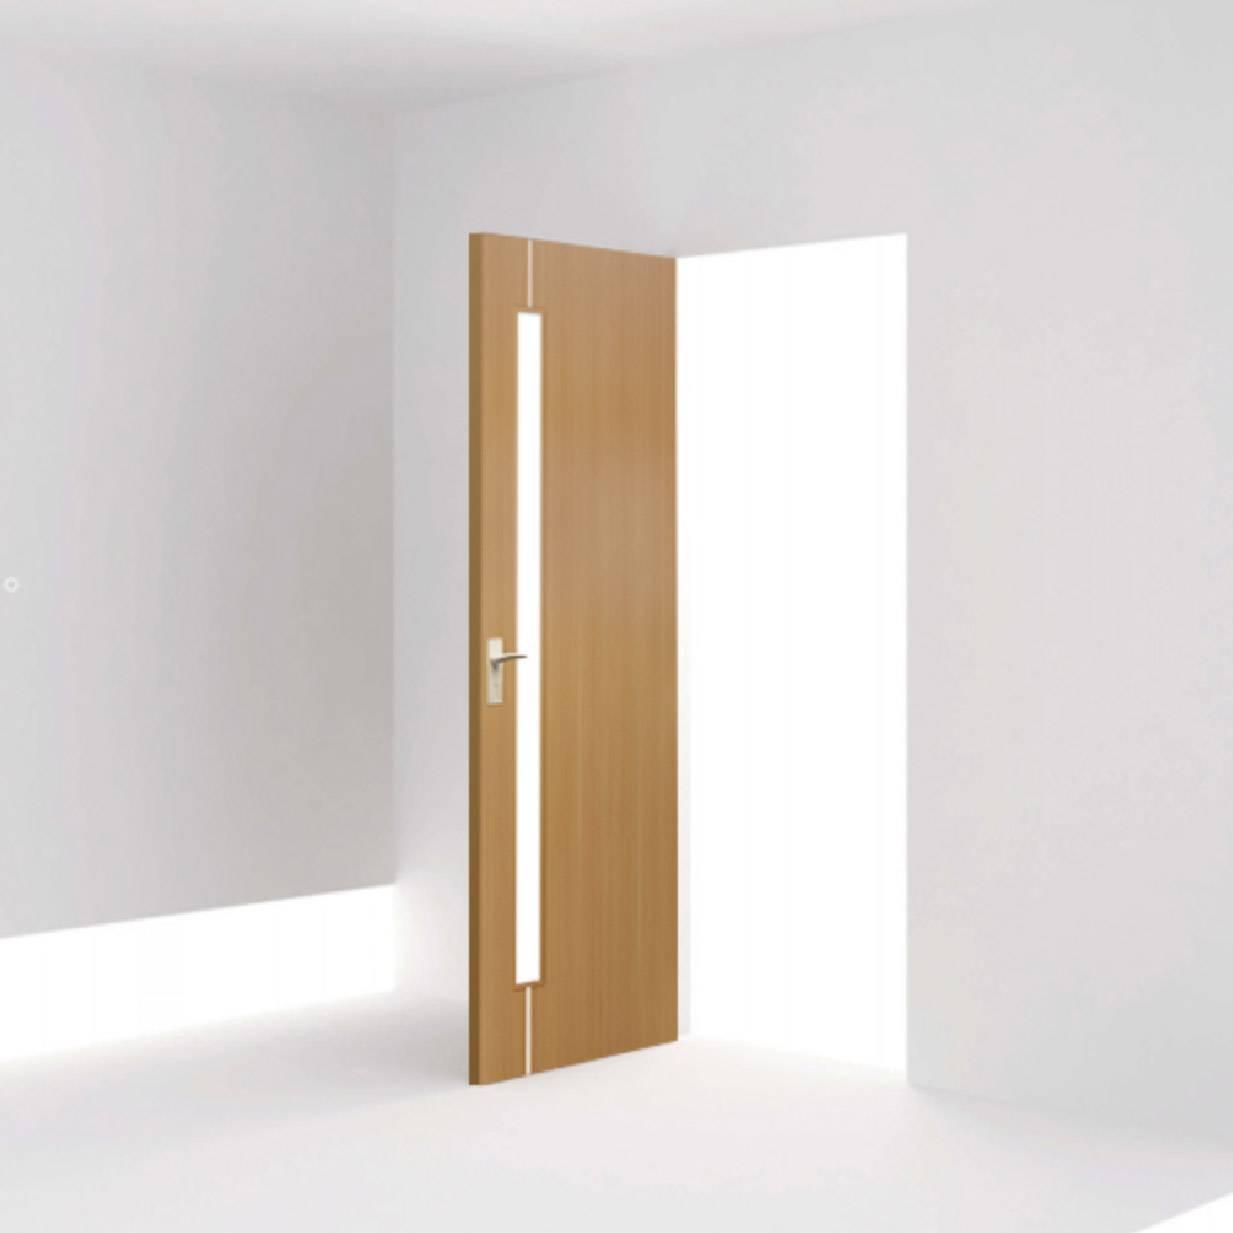 日本大建多层实木免漆环保成品套装门(可定制)